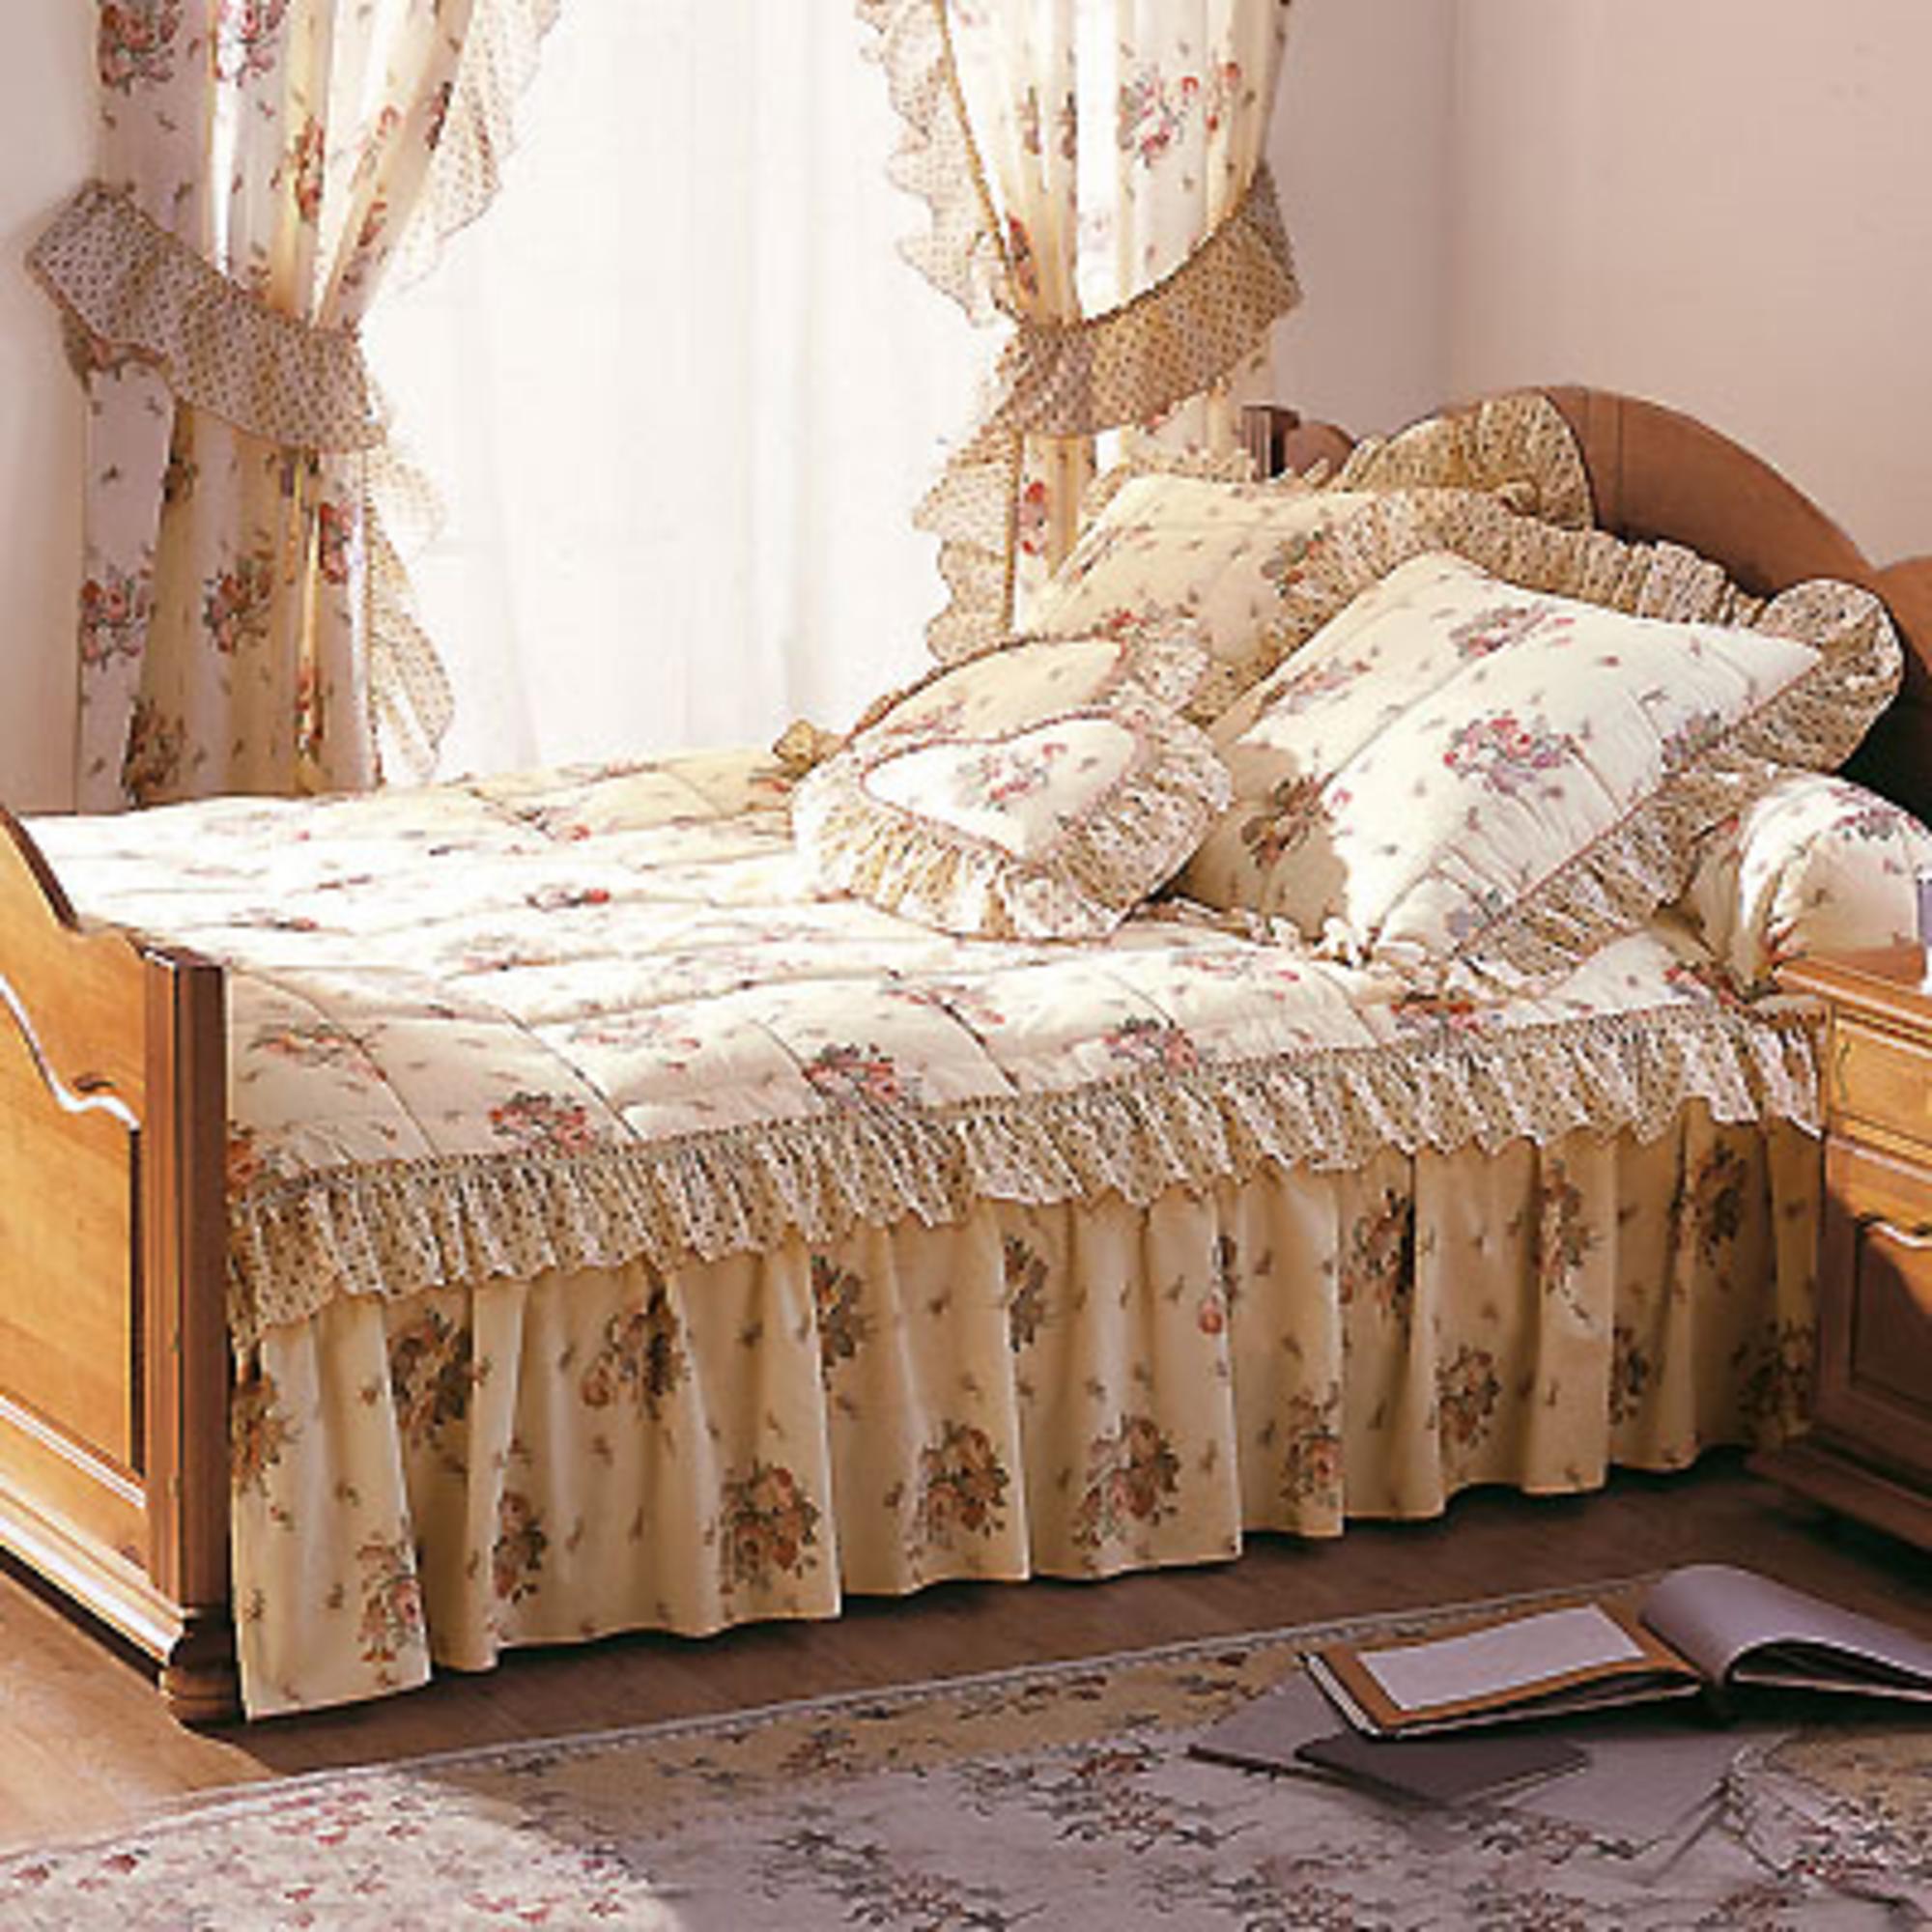 couvre lit 2 personnes 3 volants magnolia anniversaire 40 ans acheter ce produit au meilleur. Black Bedroom Furniture Sets. Home Design Ideas